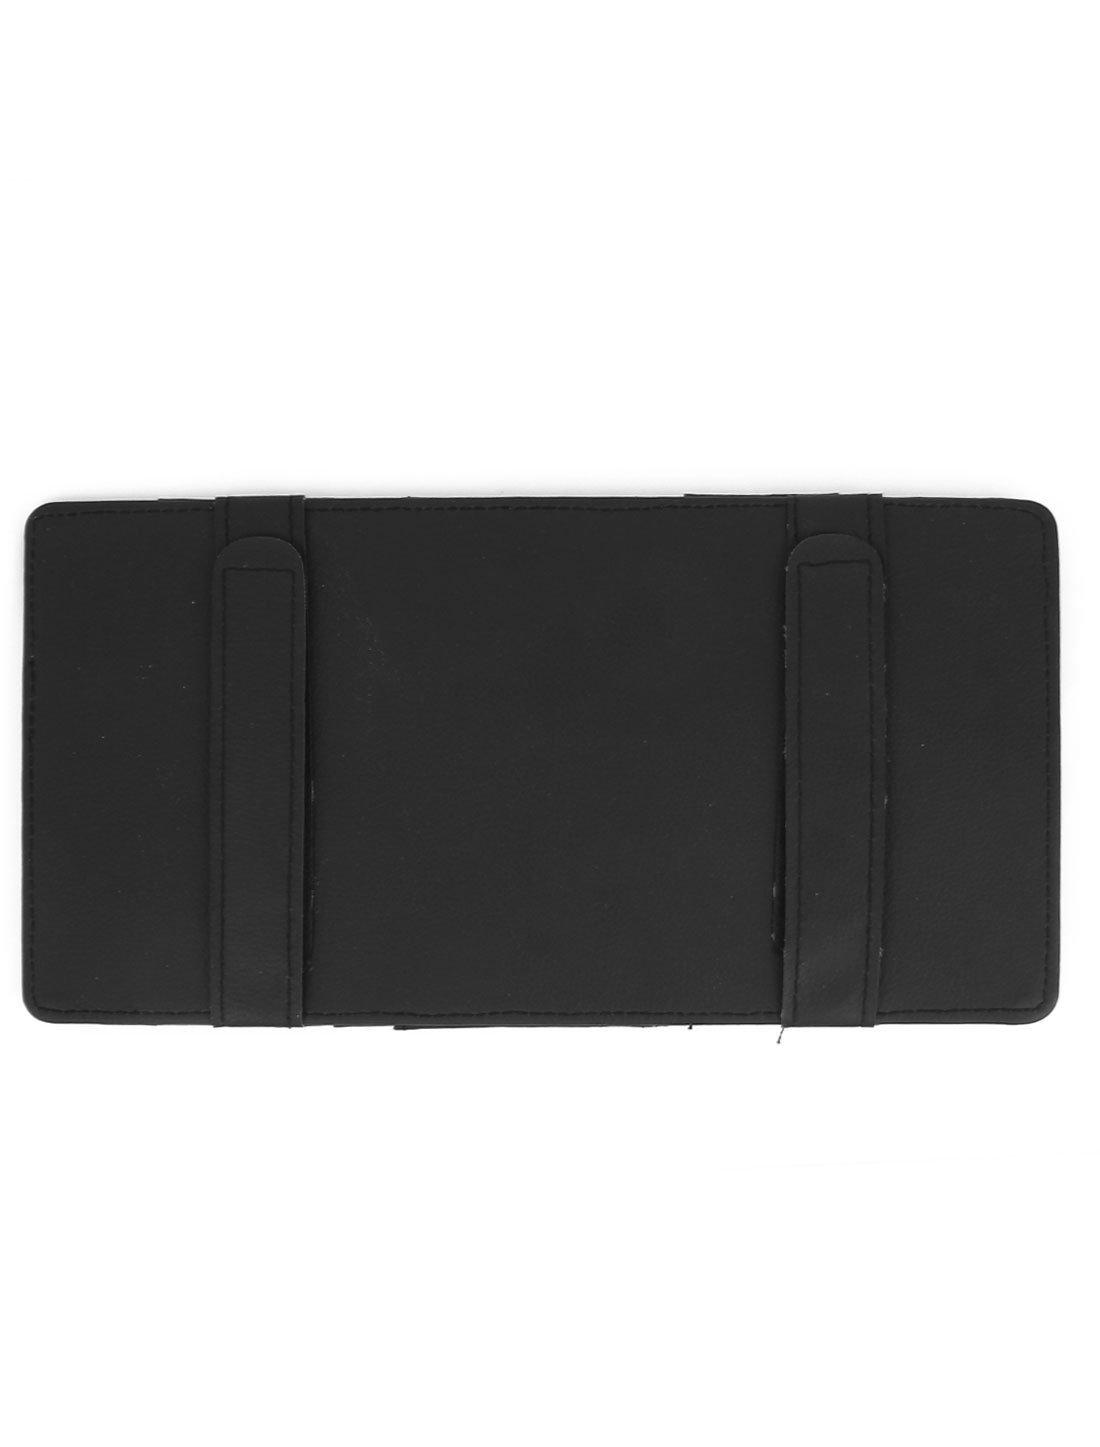 Amazon.com: Preto 4 compartimentos Carro Multi-Function CD Visor Titular bolso: Car Electronics